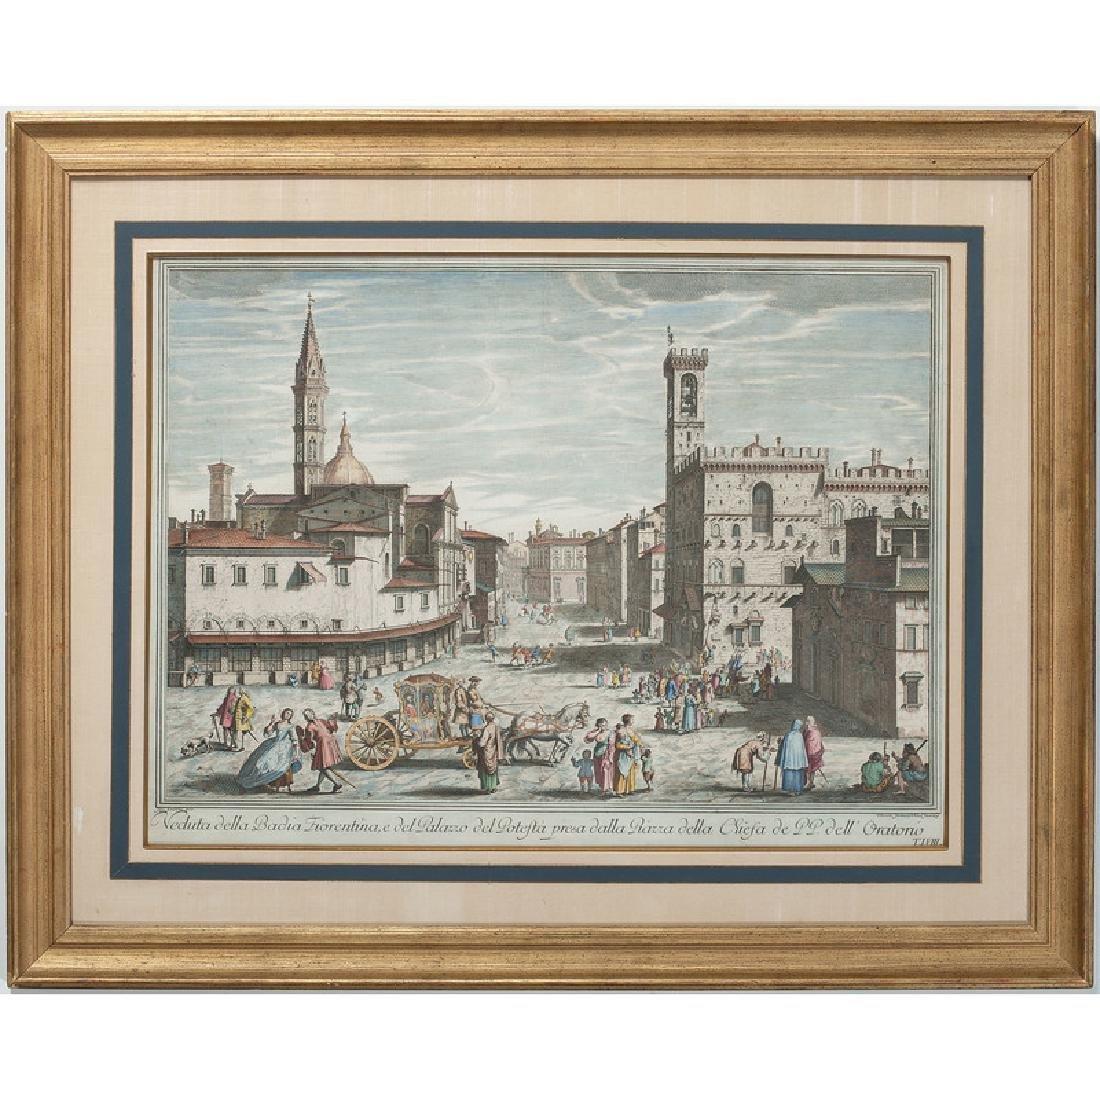 Giuseppe Zocchi Hand-Colored Engraving, Veduta Della